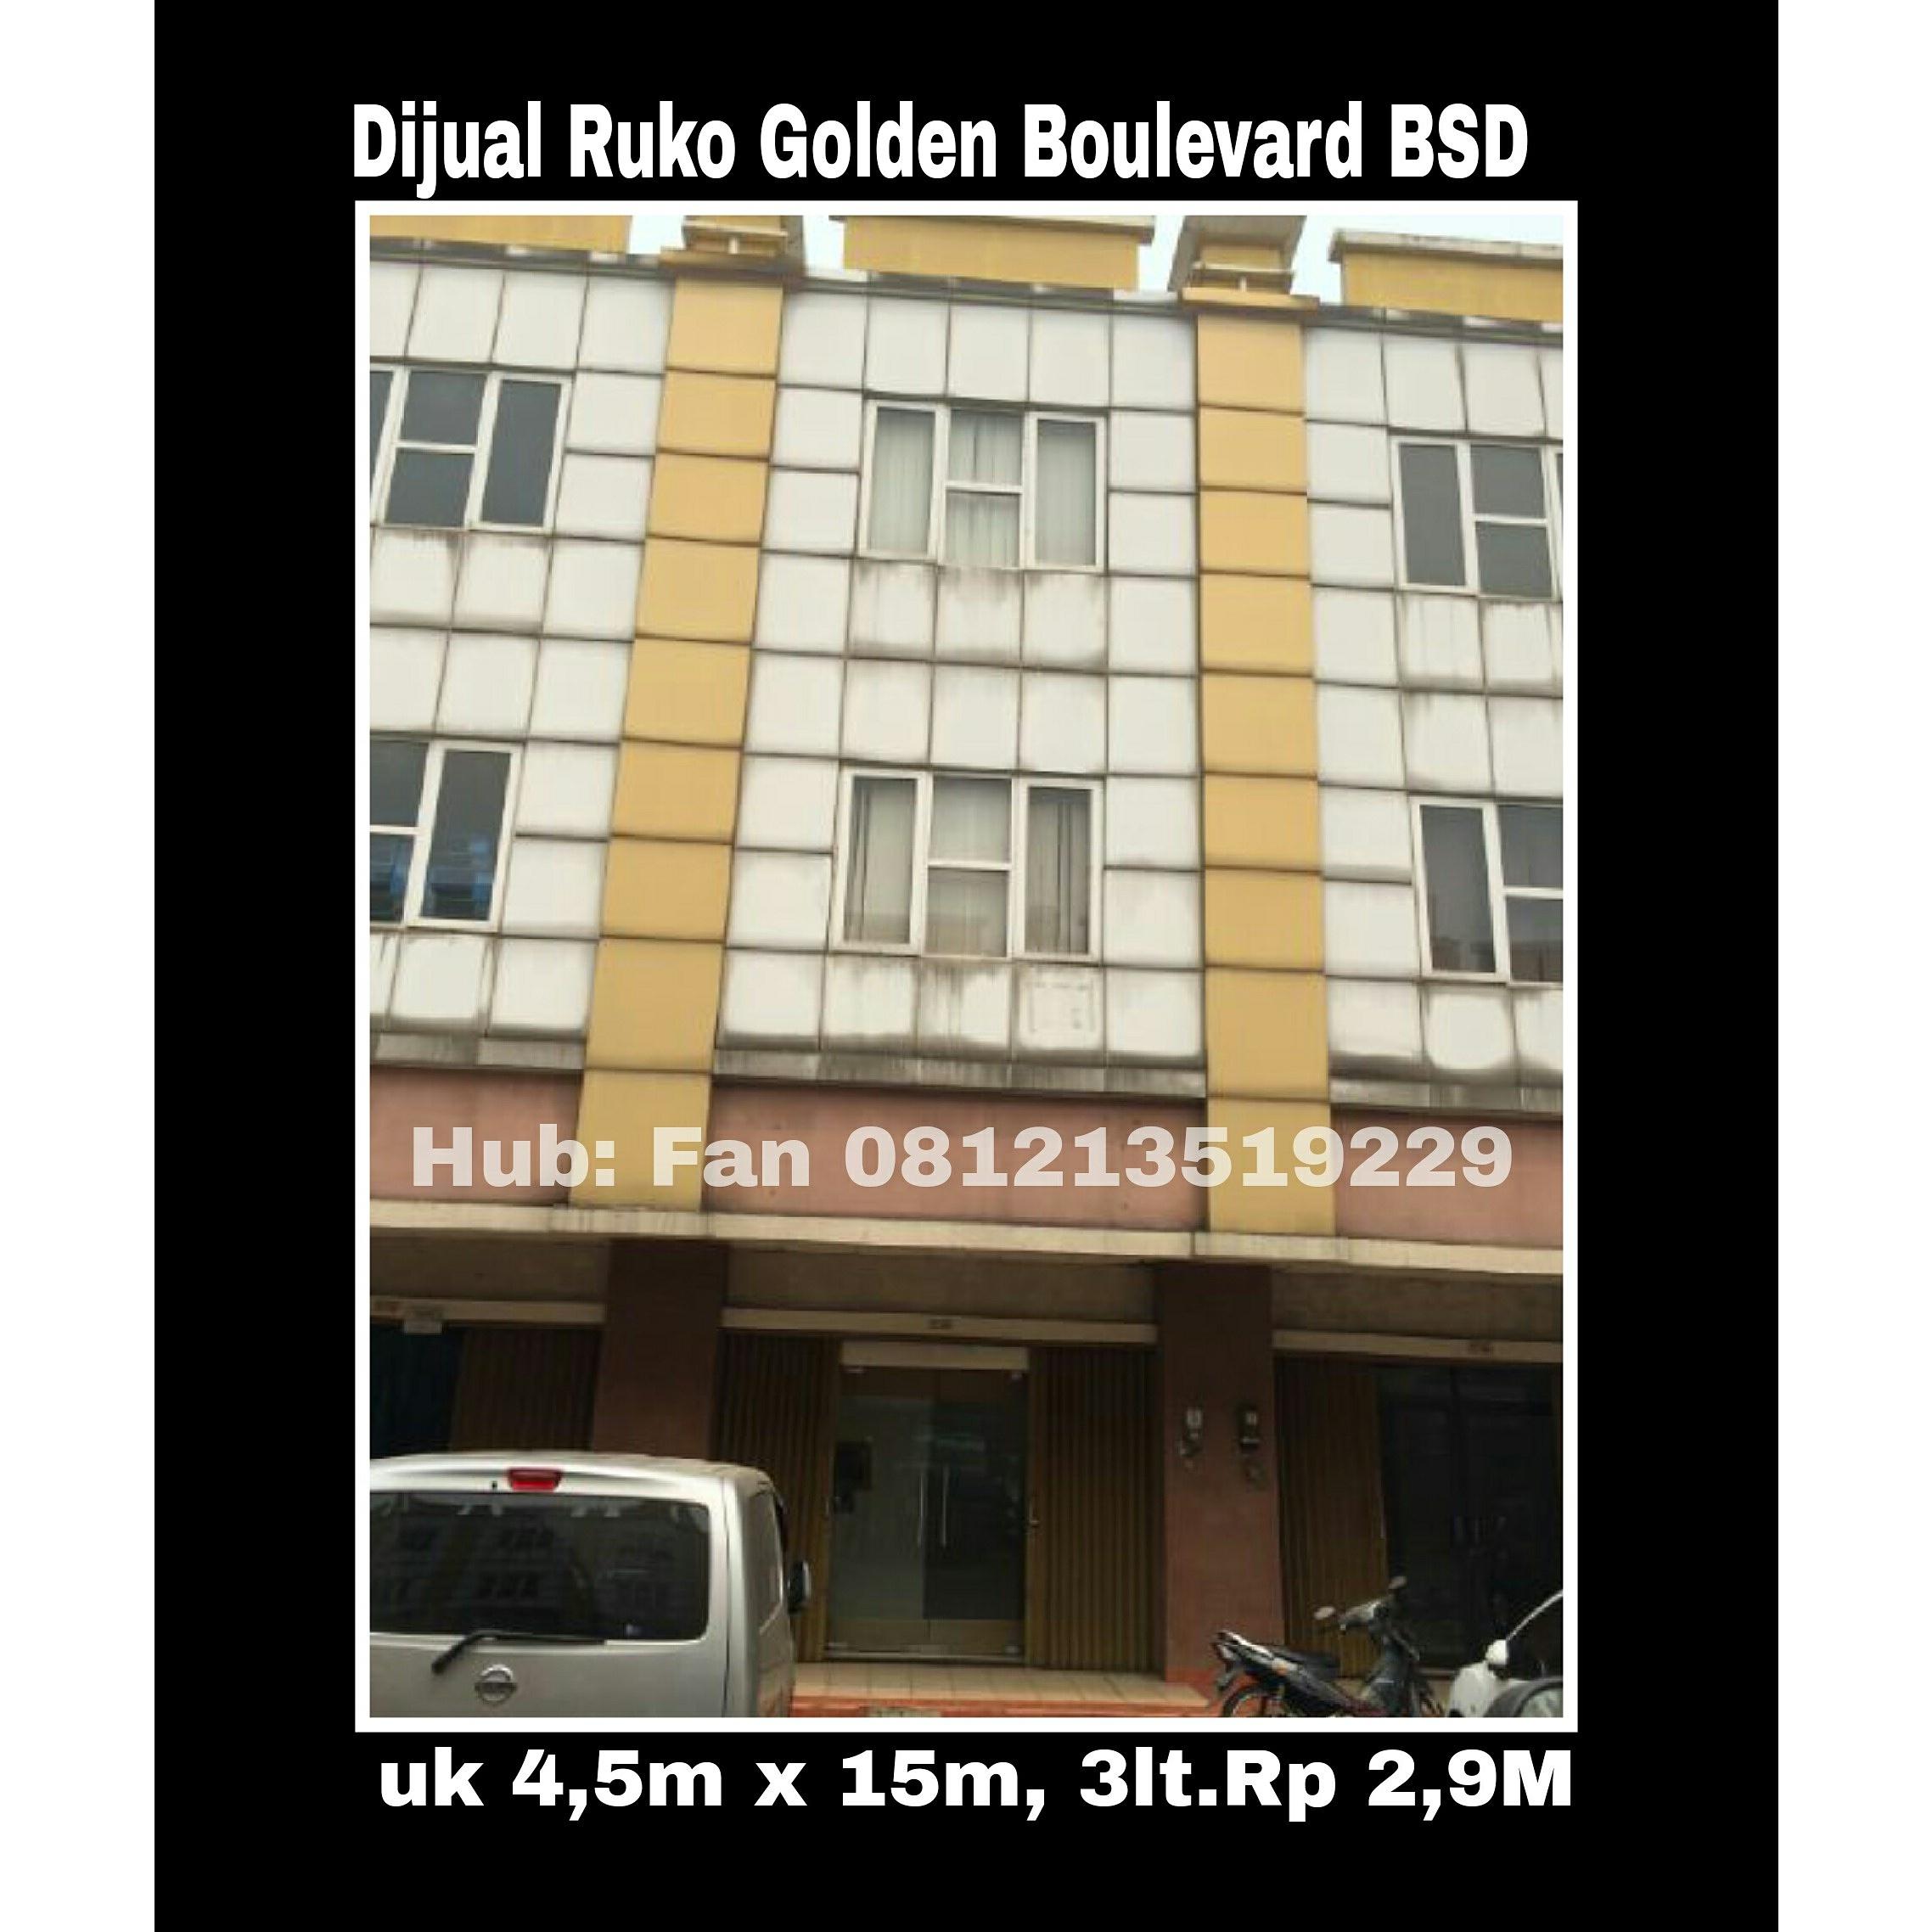 Ruko golden boulevard bsd.jpg